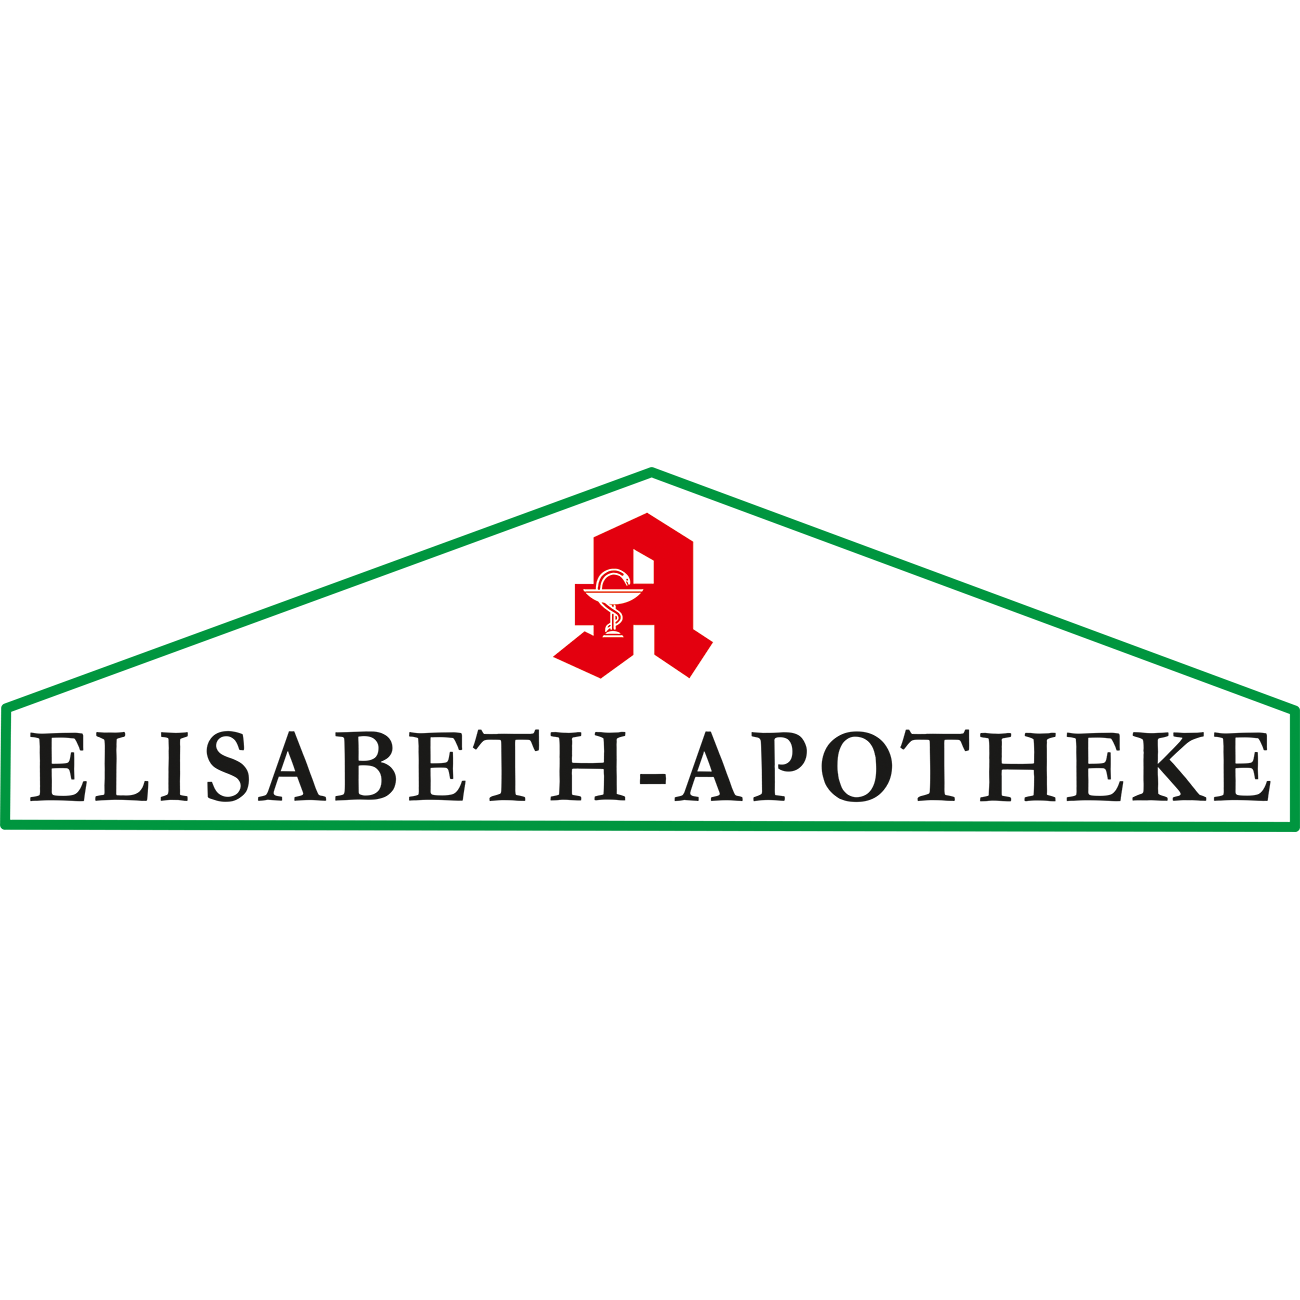 Bild zu Elisabeth-Apotheke in Eisenberg in Thüringen